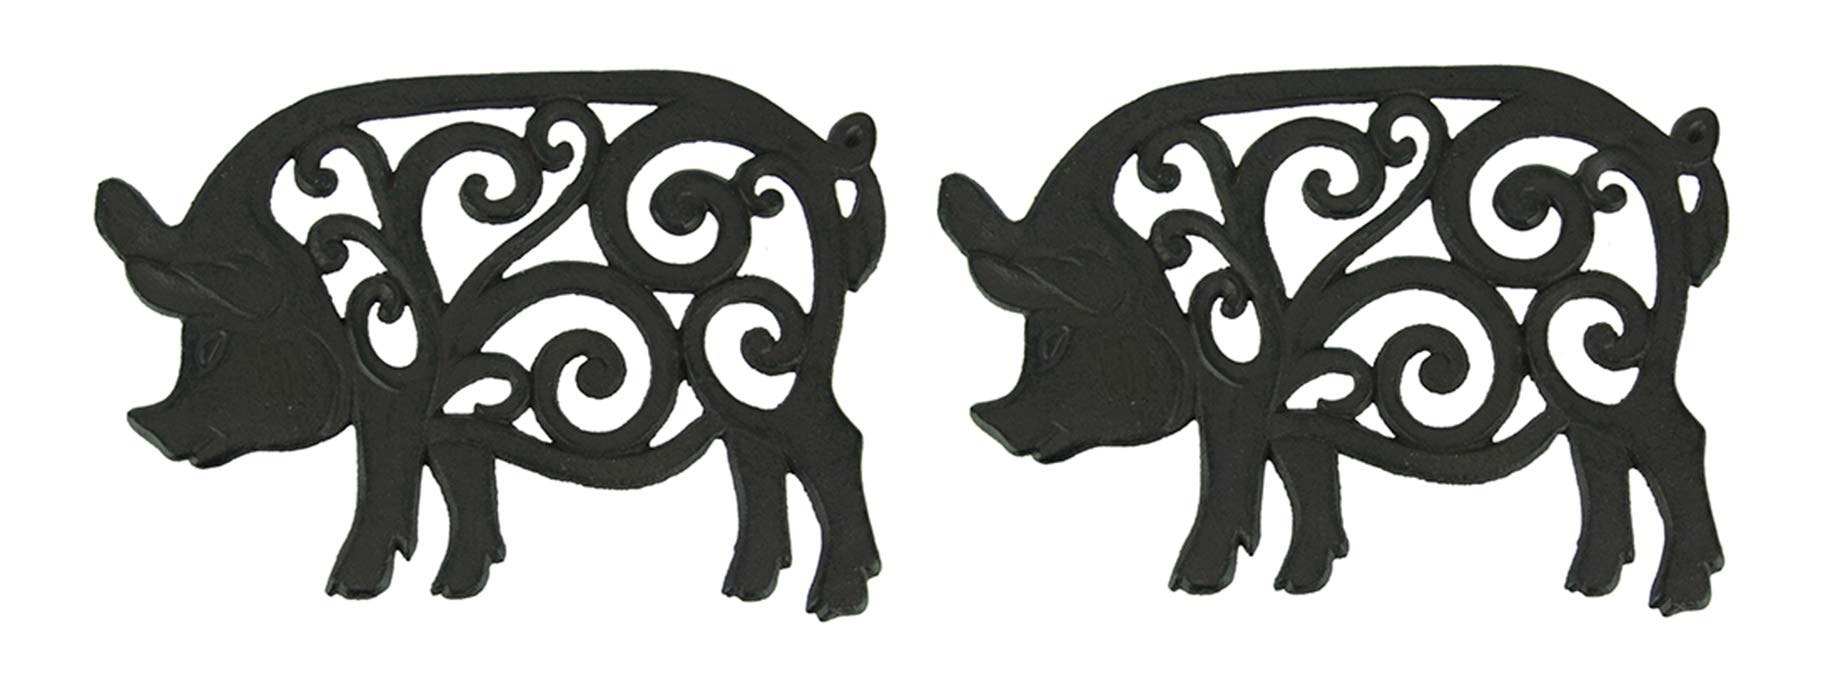 Set of 2 Decorative Cast Iron Pig Trivets by De Leon